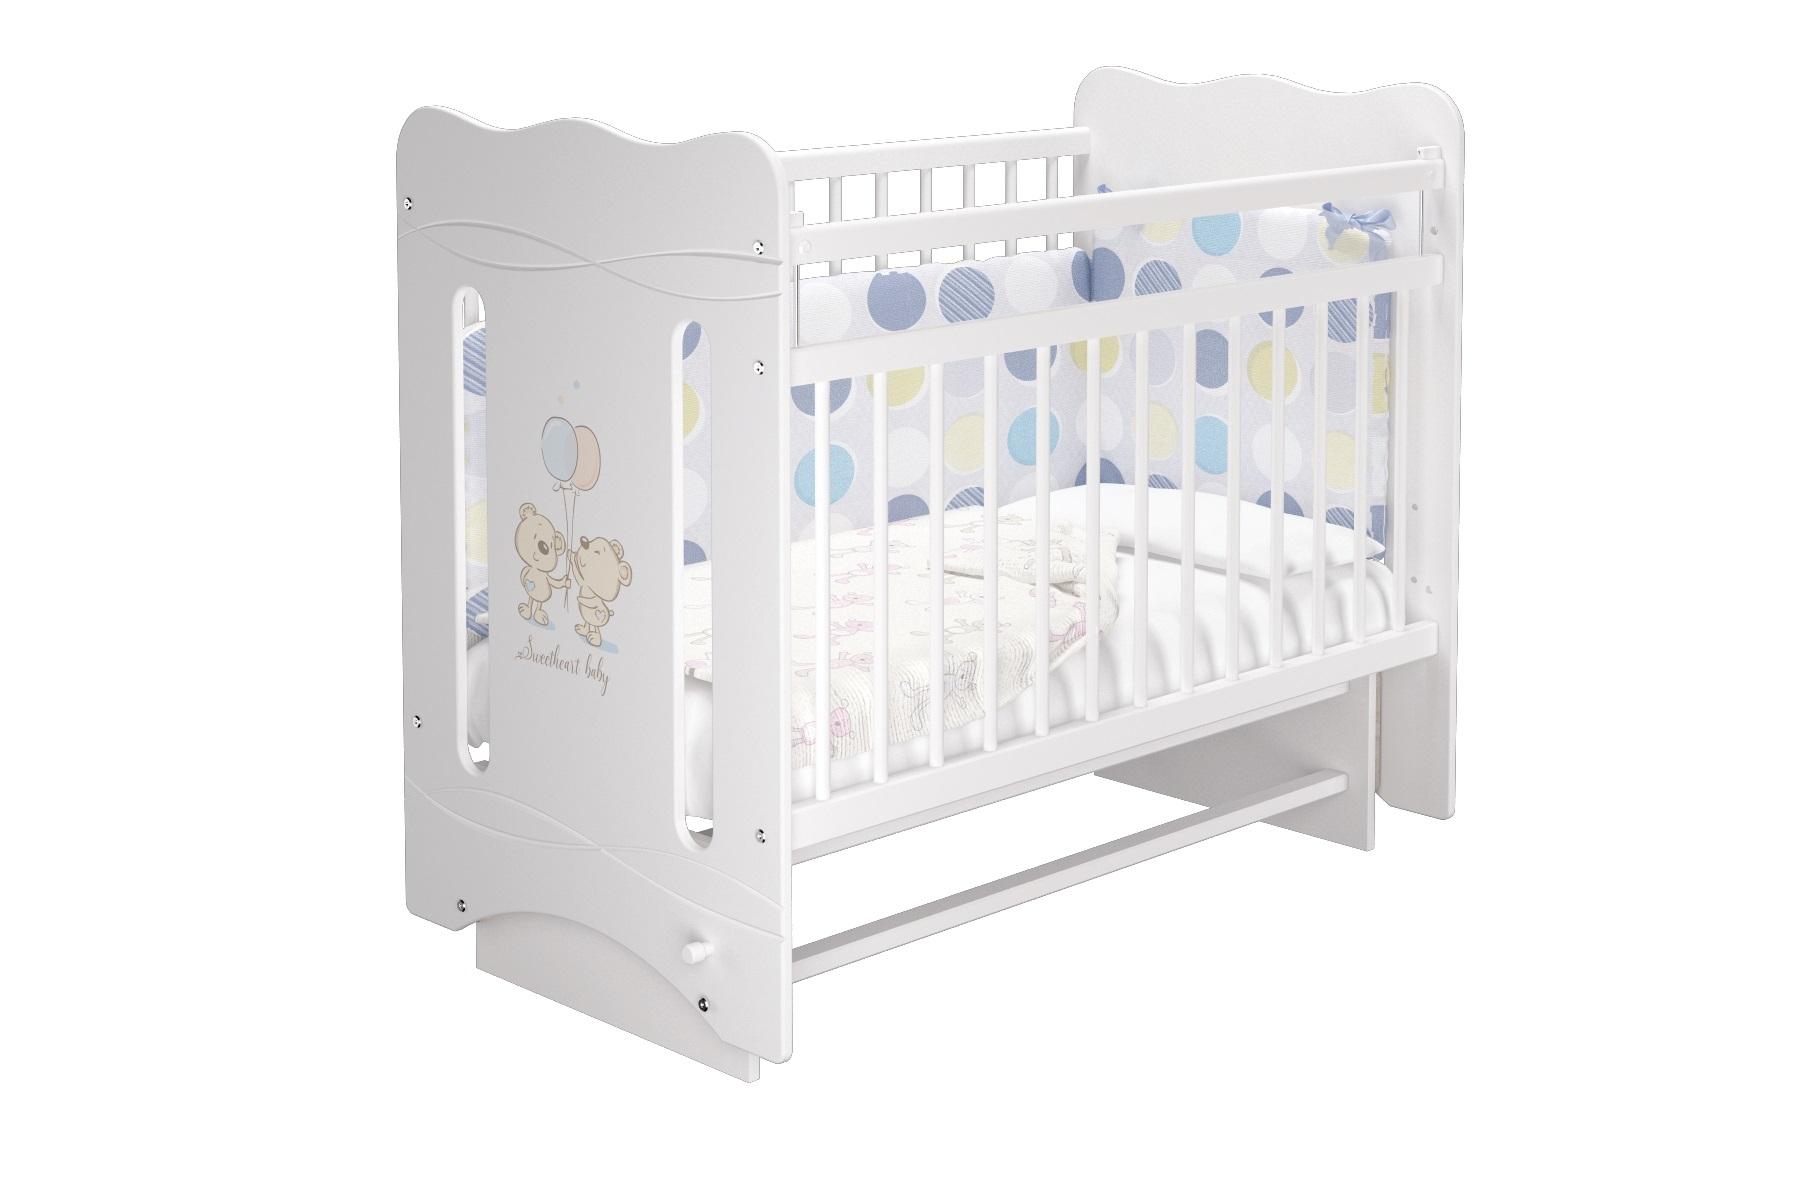 Кроватки Laluca Моника 2 (маятник) детские кроватки можгинский лесокомбинат laluca руслана медвежонок поперечный маятник